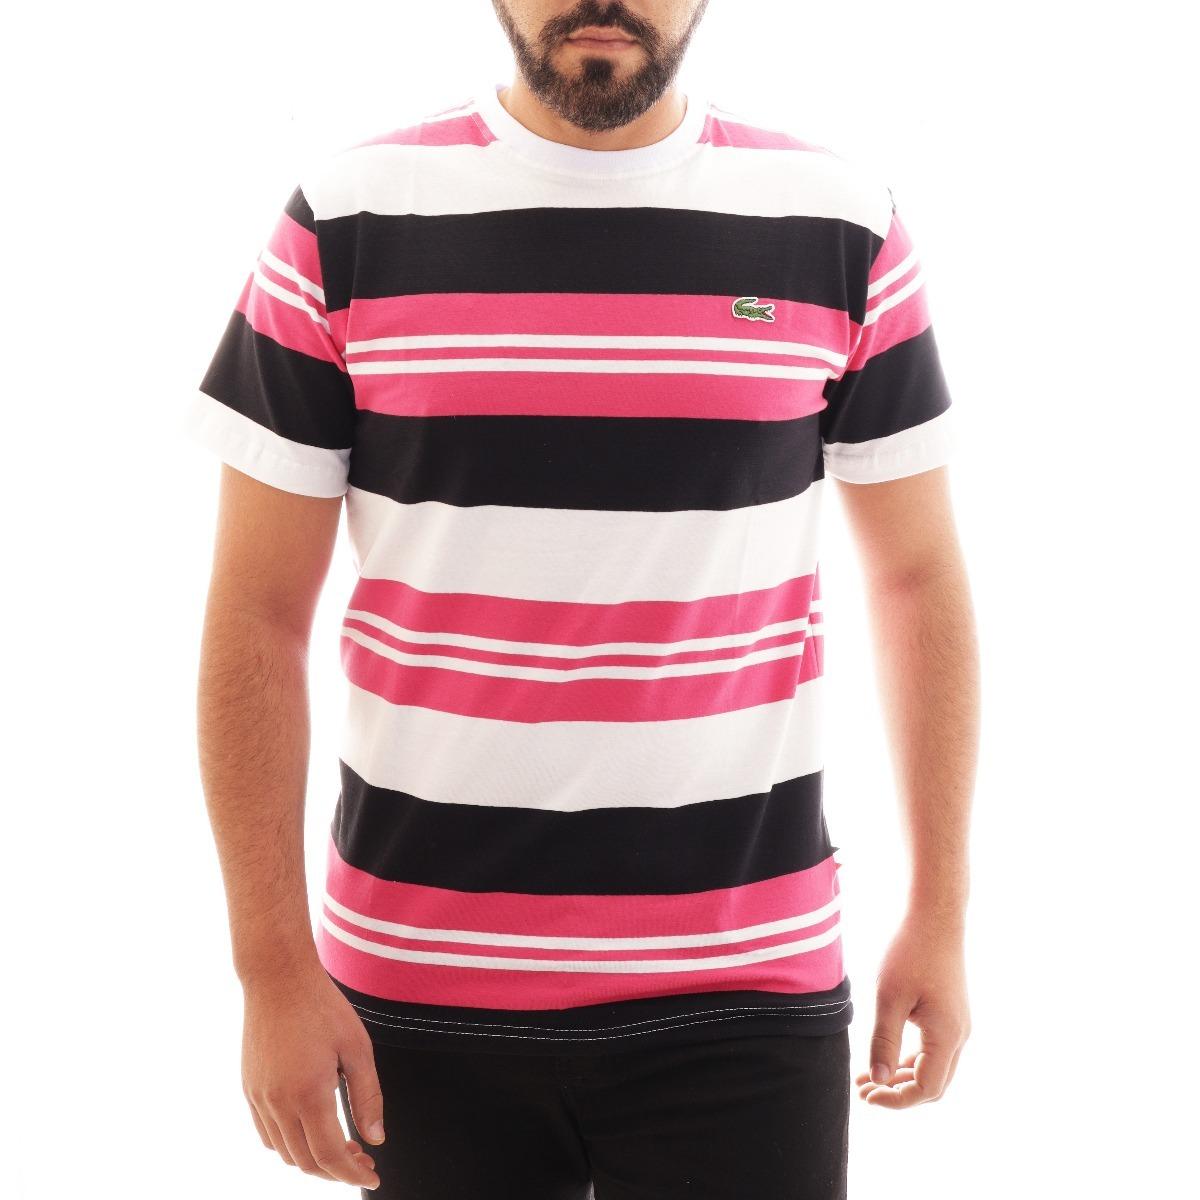 78ee22ac96a19 Camisa Camiseta Lacoste Listrada Masc Rosa Branco Original - R  89 ...